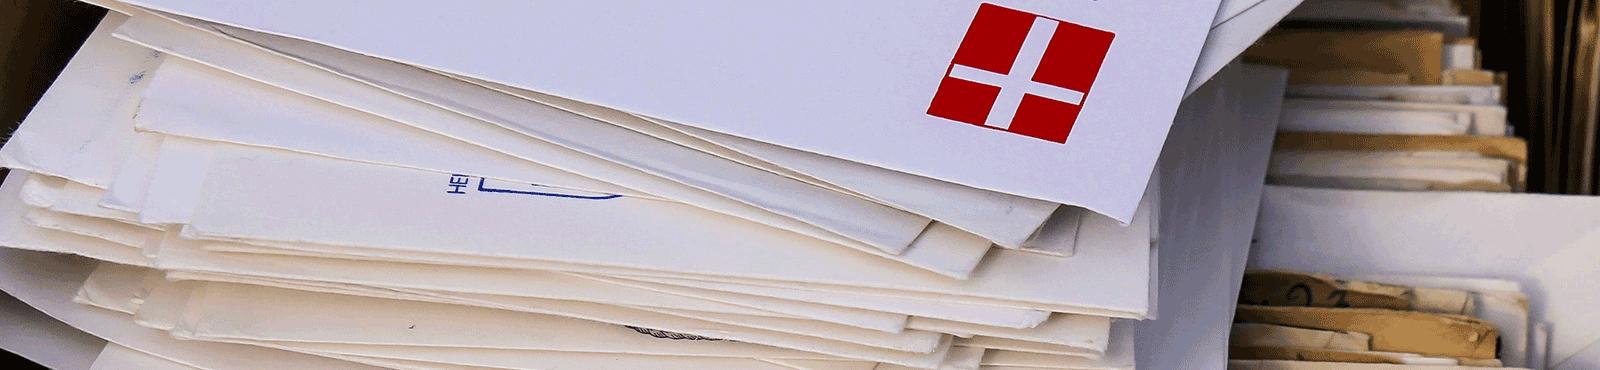 Permanente Portoerhöhung: Briefmarkenbestand retten!